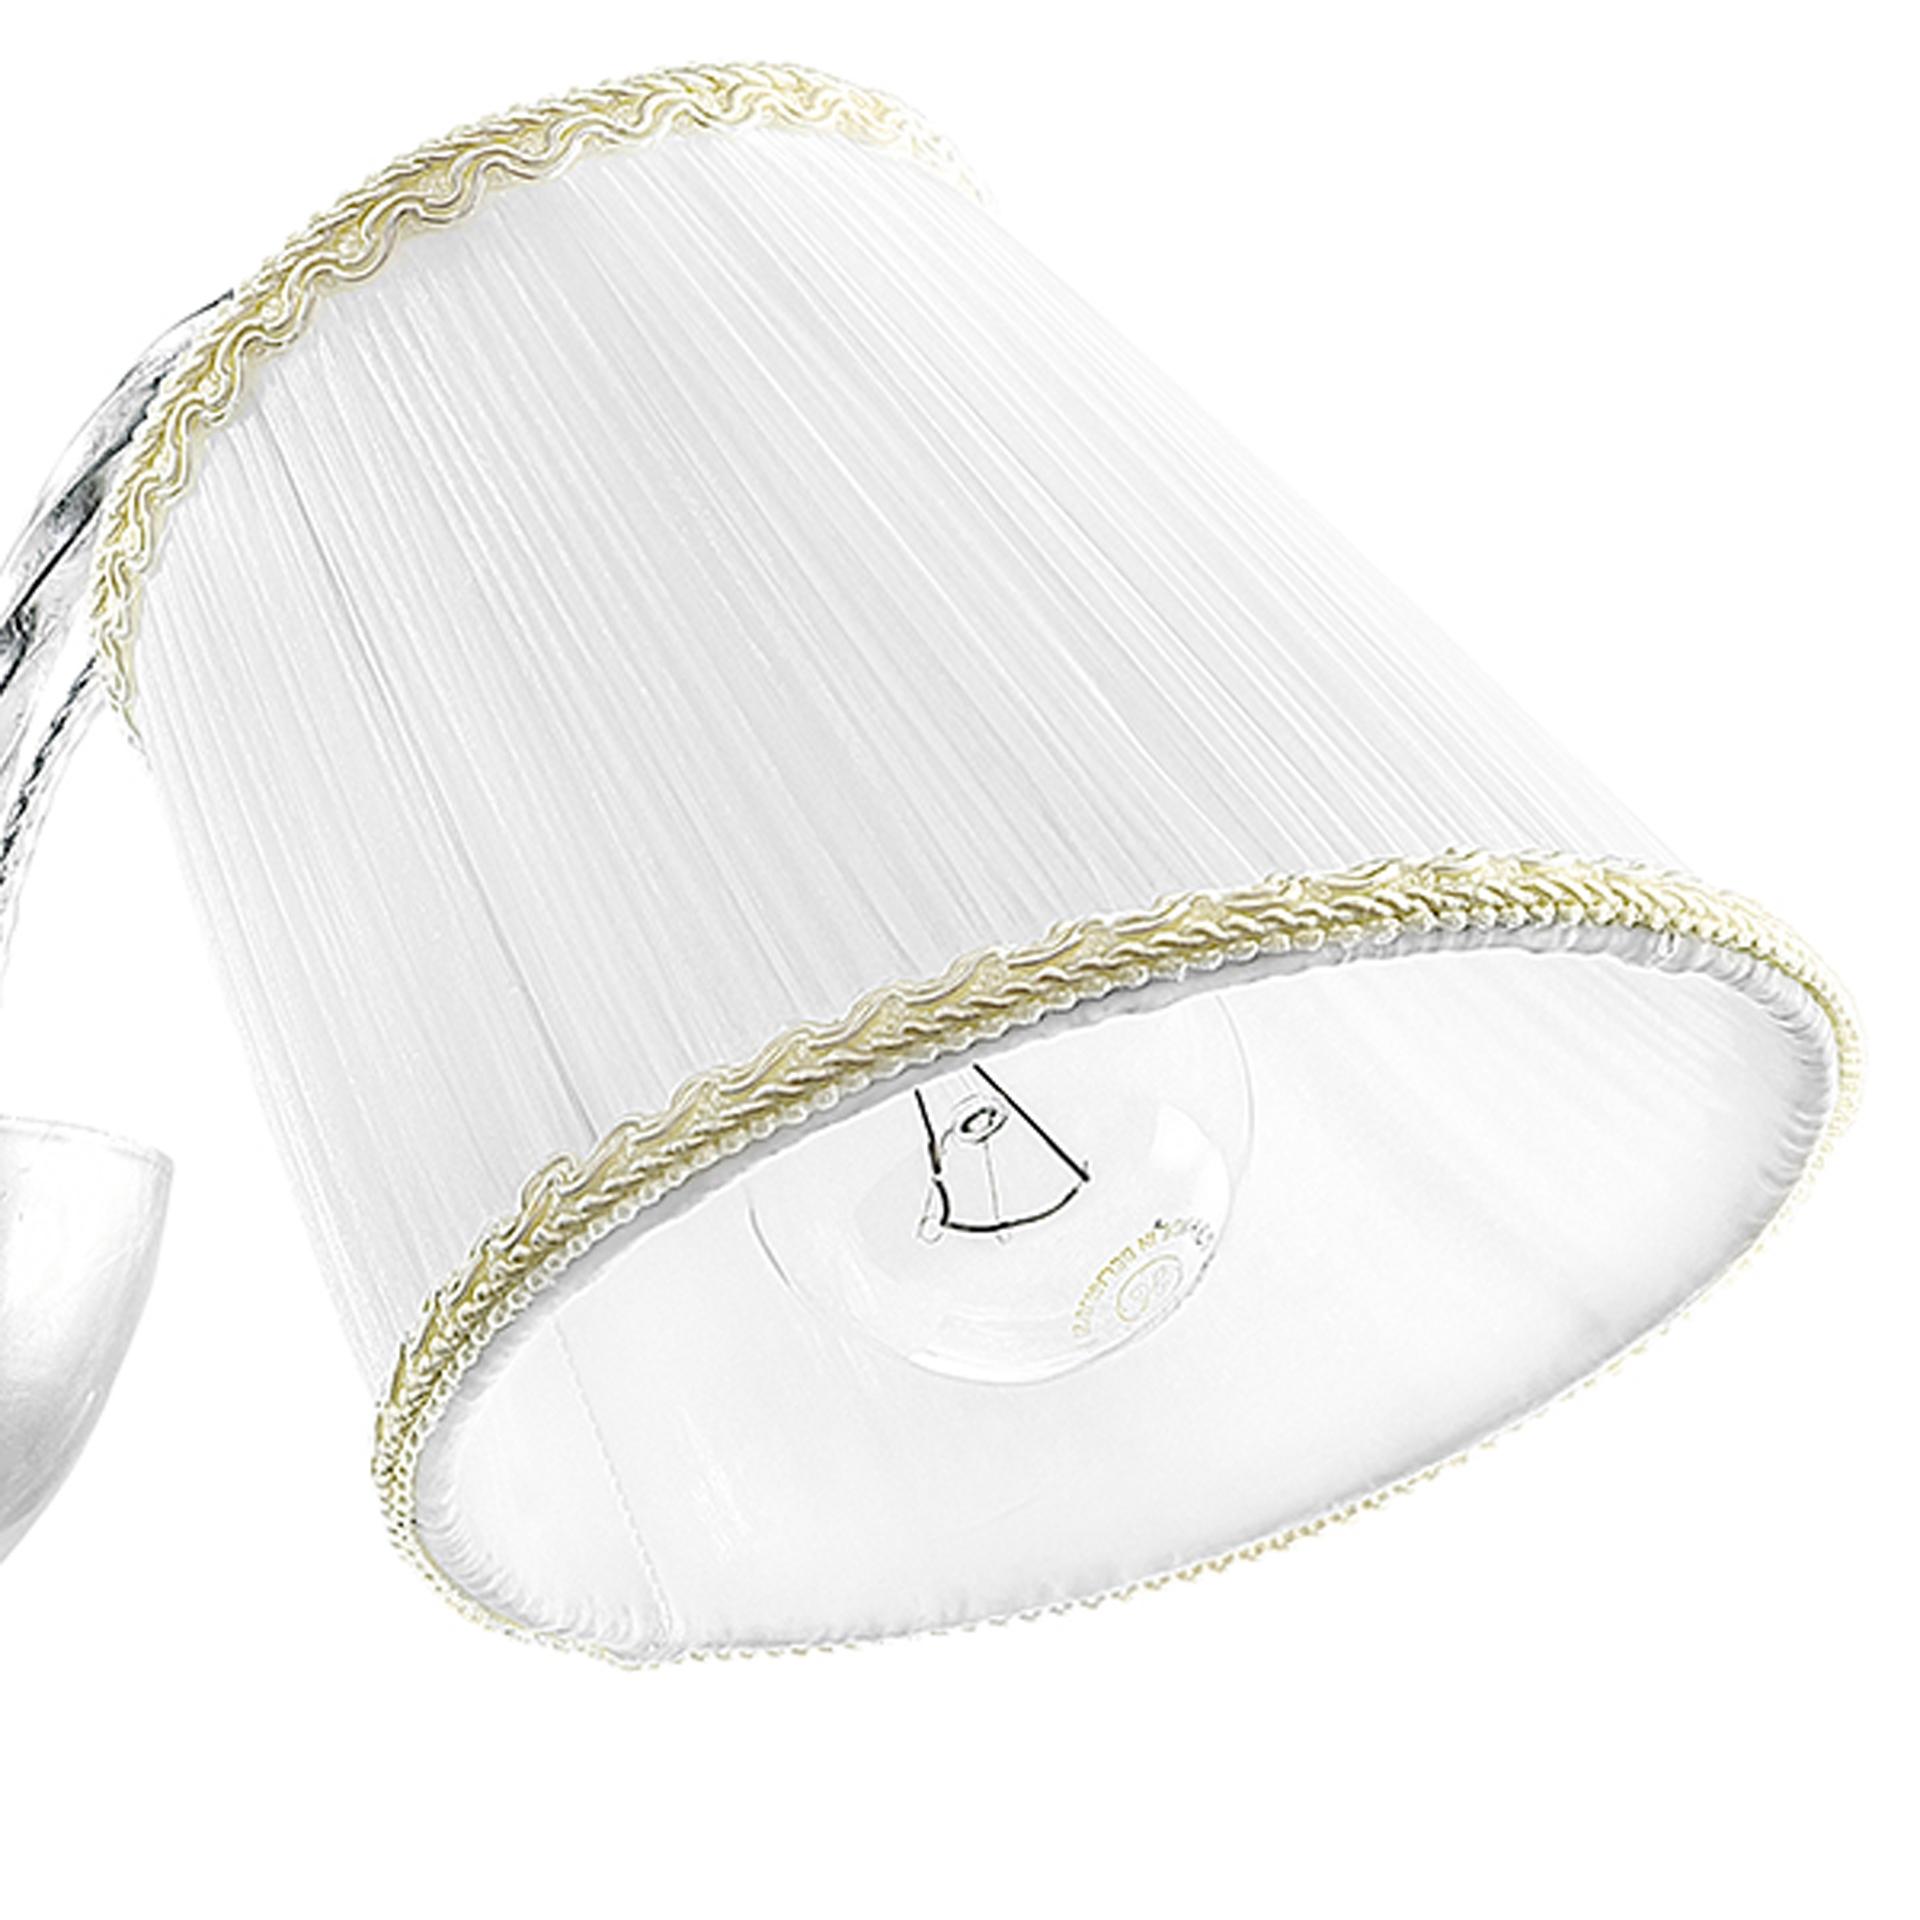 Бра Esedra Lightstar 796629, купить в СПб, Москве, с доставкой, Санкт-Петербург, интернет-магазин люстр и светильников Starlight, фото в жизни